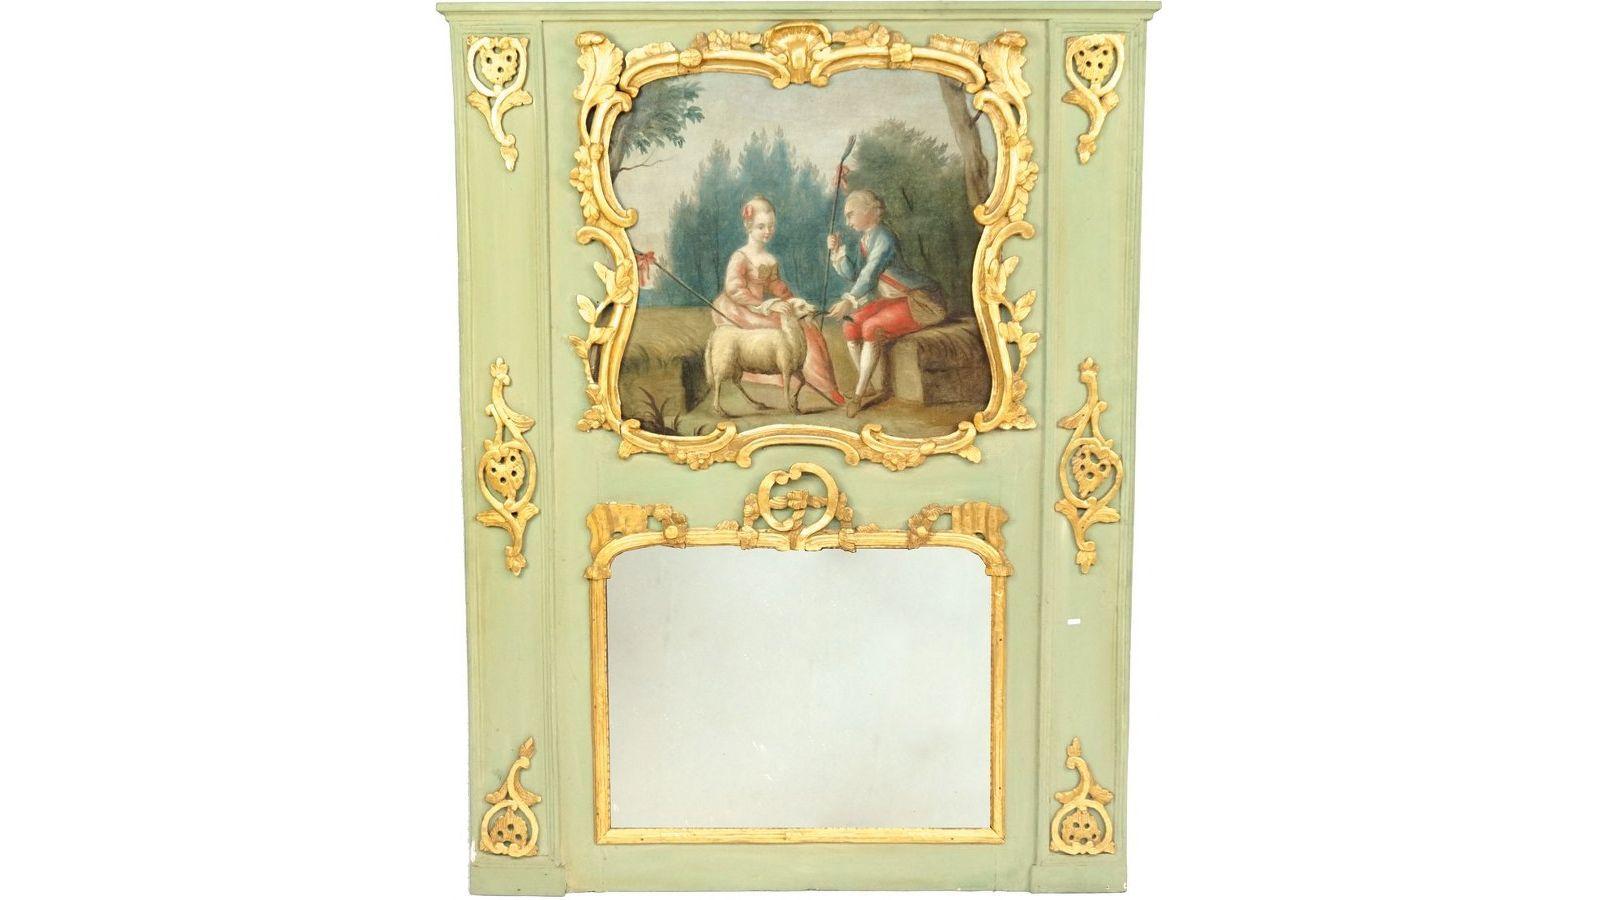 Trumeau représentant l'Enlèvement d'Europe par Zeus métamorphosé en taureau.